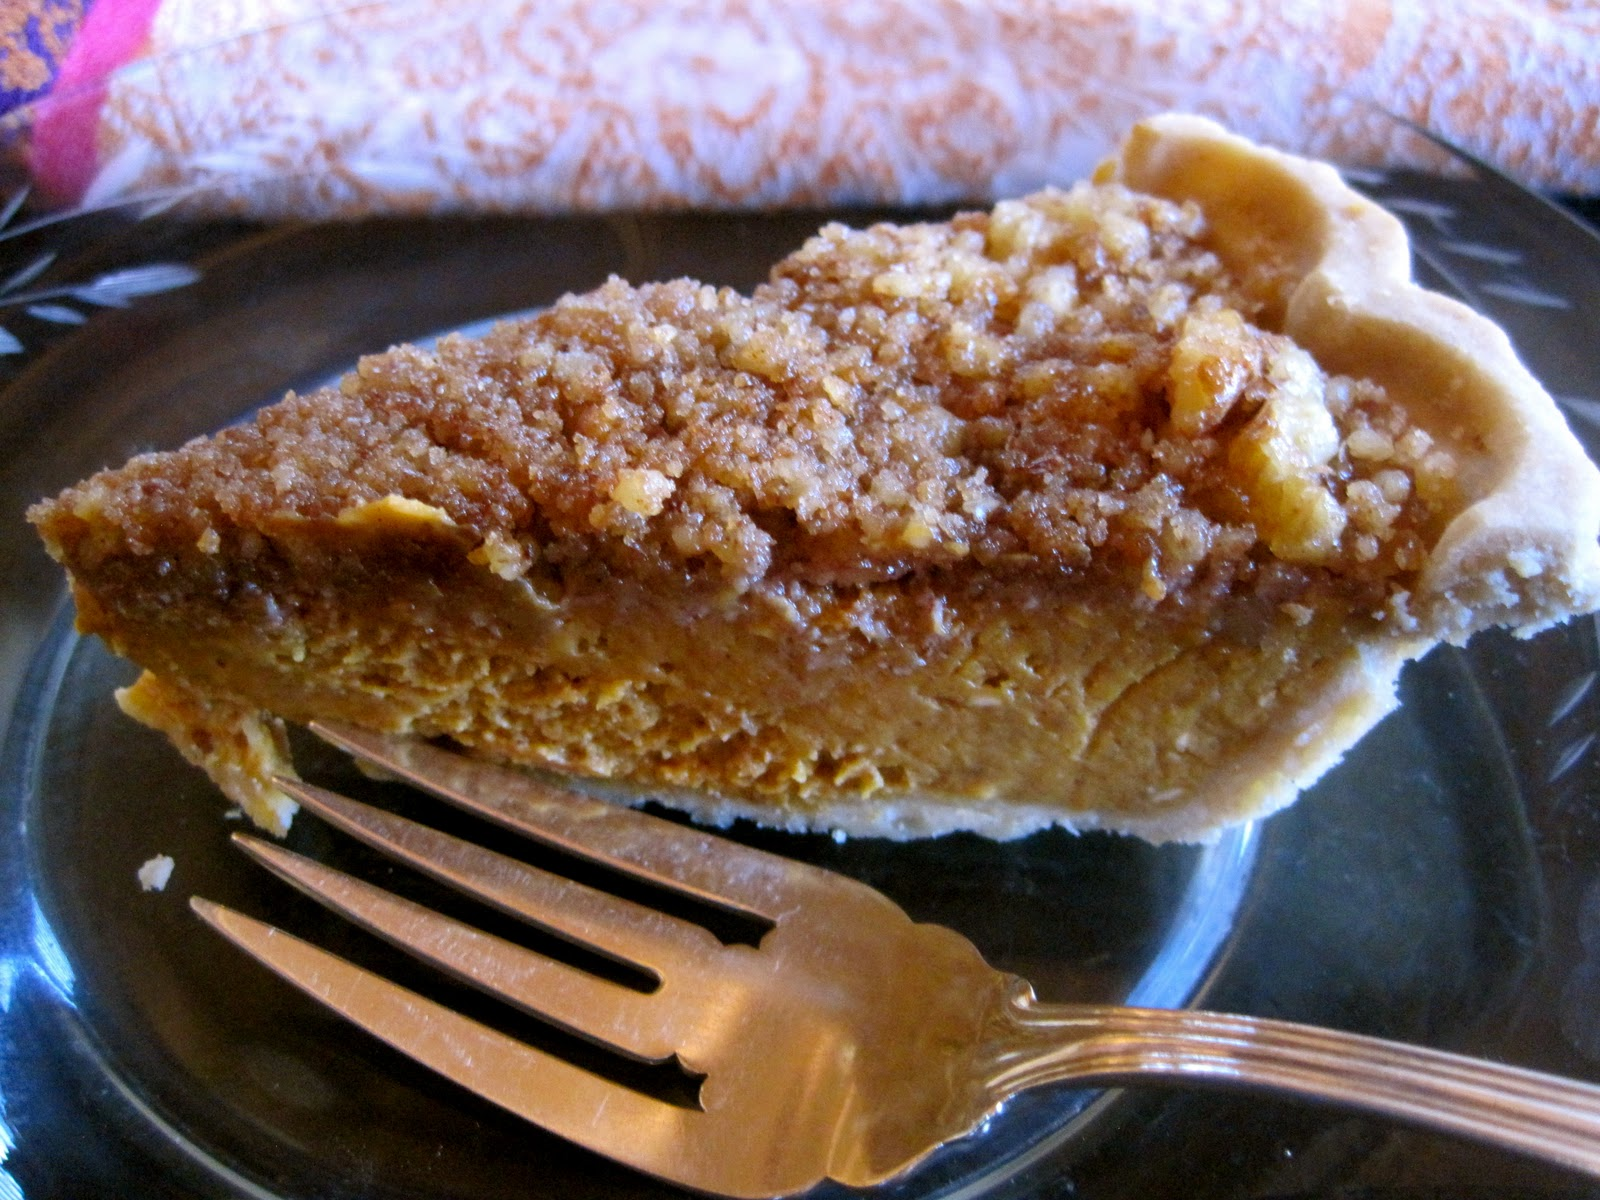 ... gluten-free: Agave Pumpkin Pie with Walnut-Brown Sugar Topping